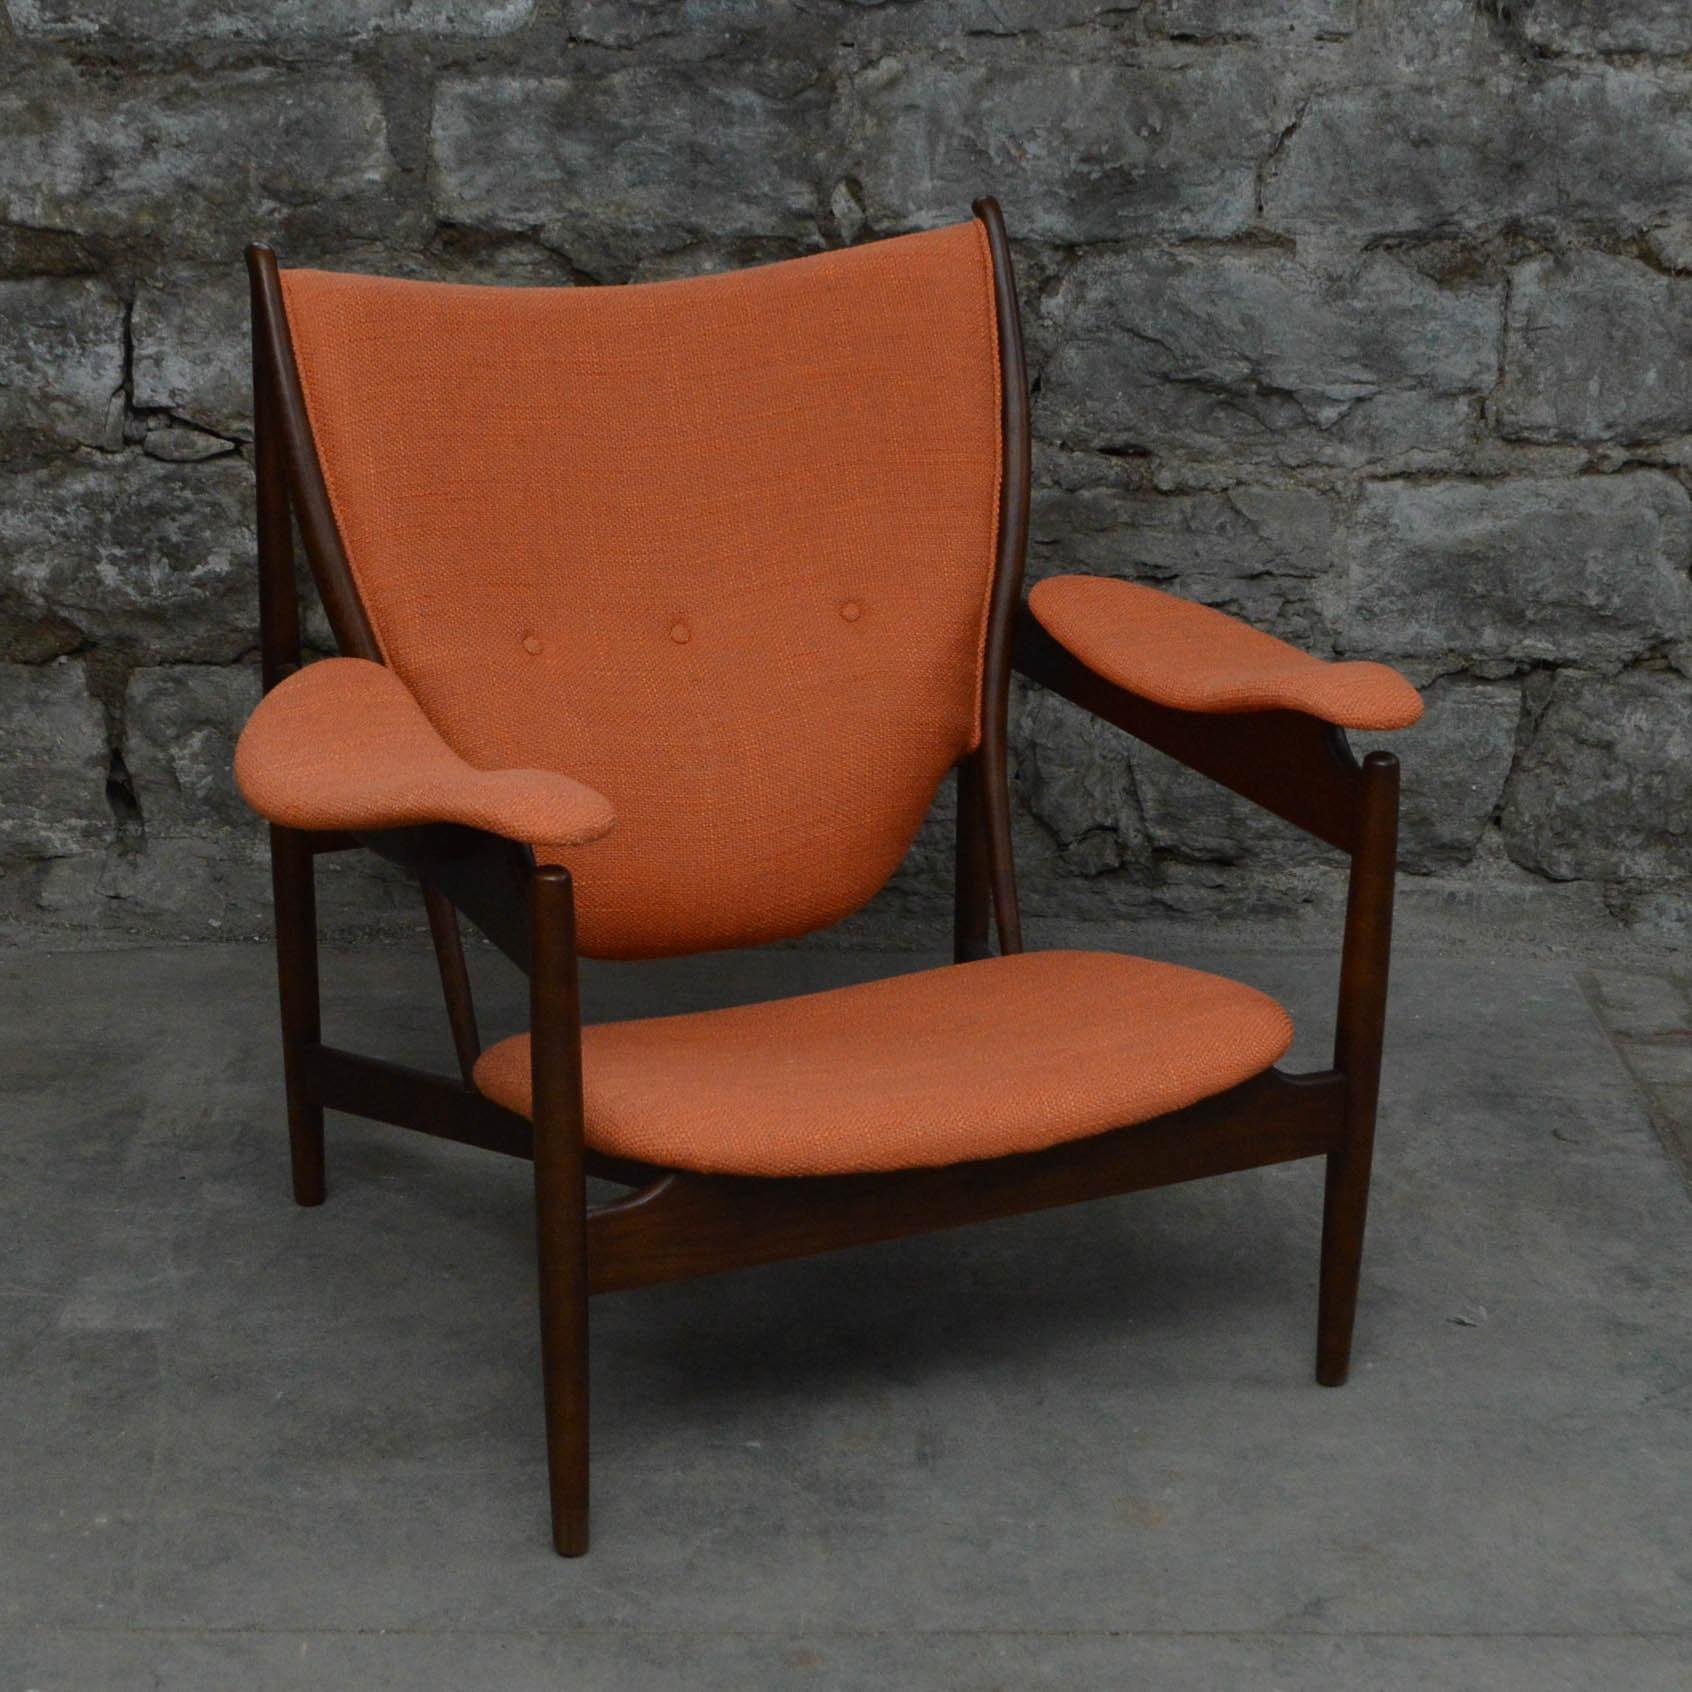 Danish Modern Armchair, After Finn Juhl